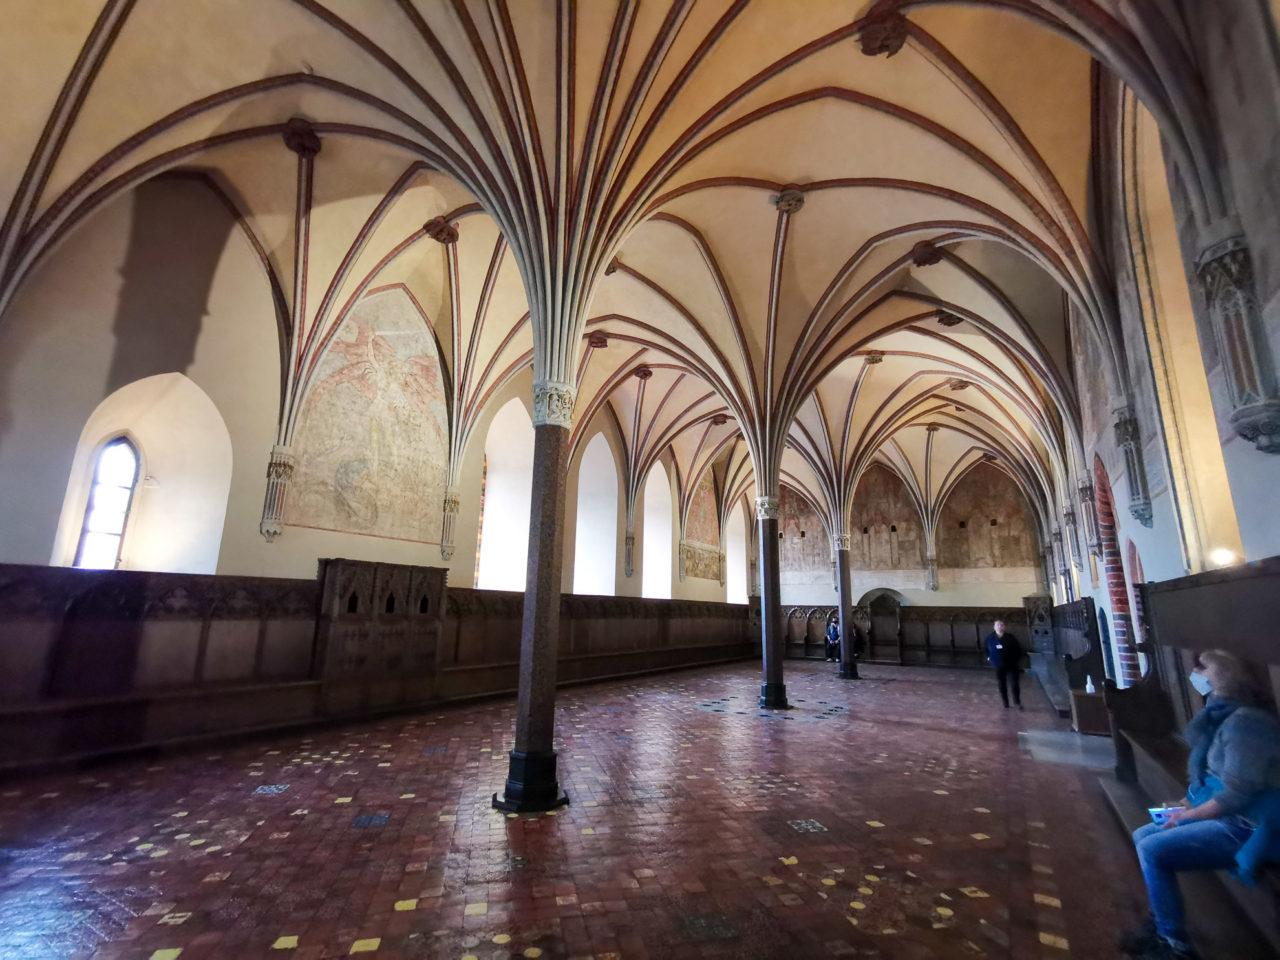 2020-10-09_13-59-42_Marienburg_IMG_20201009_135937-1600